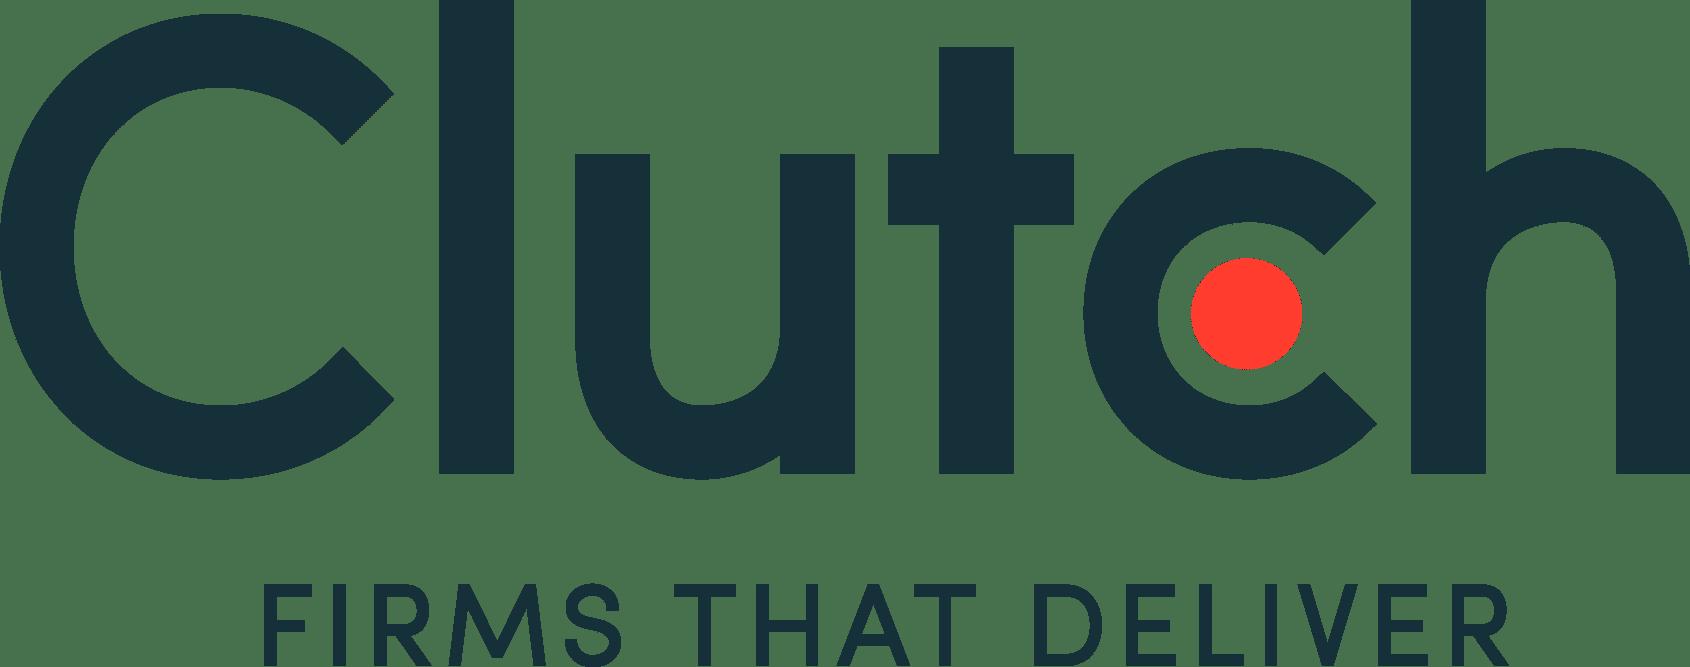 New Clutch Tagline logo